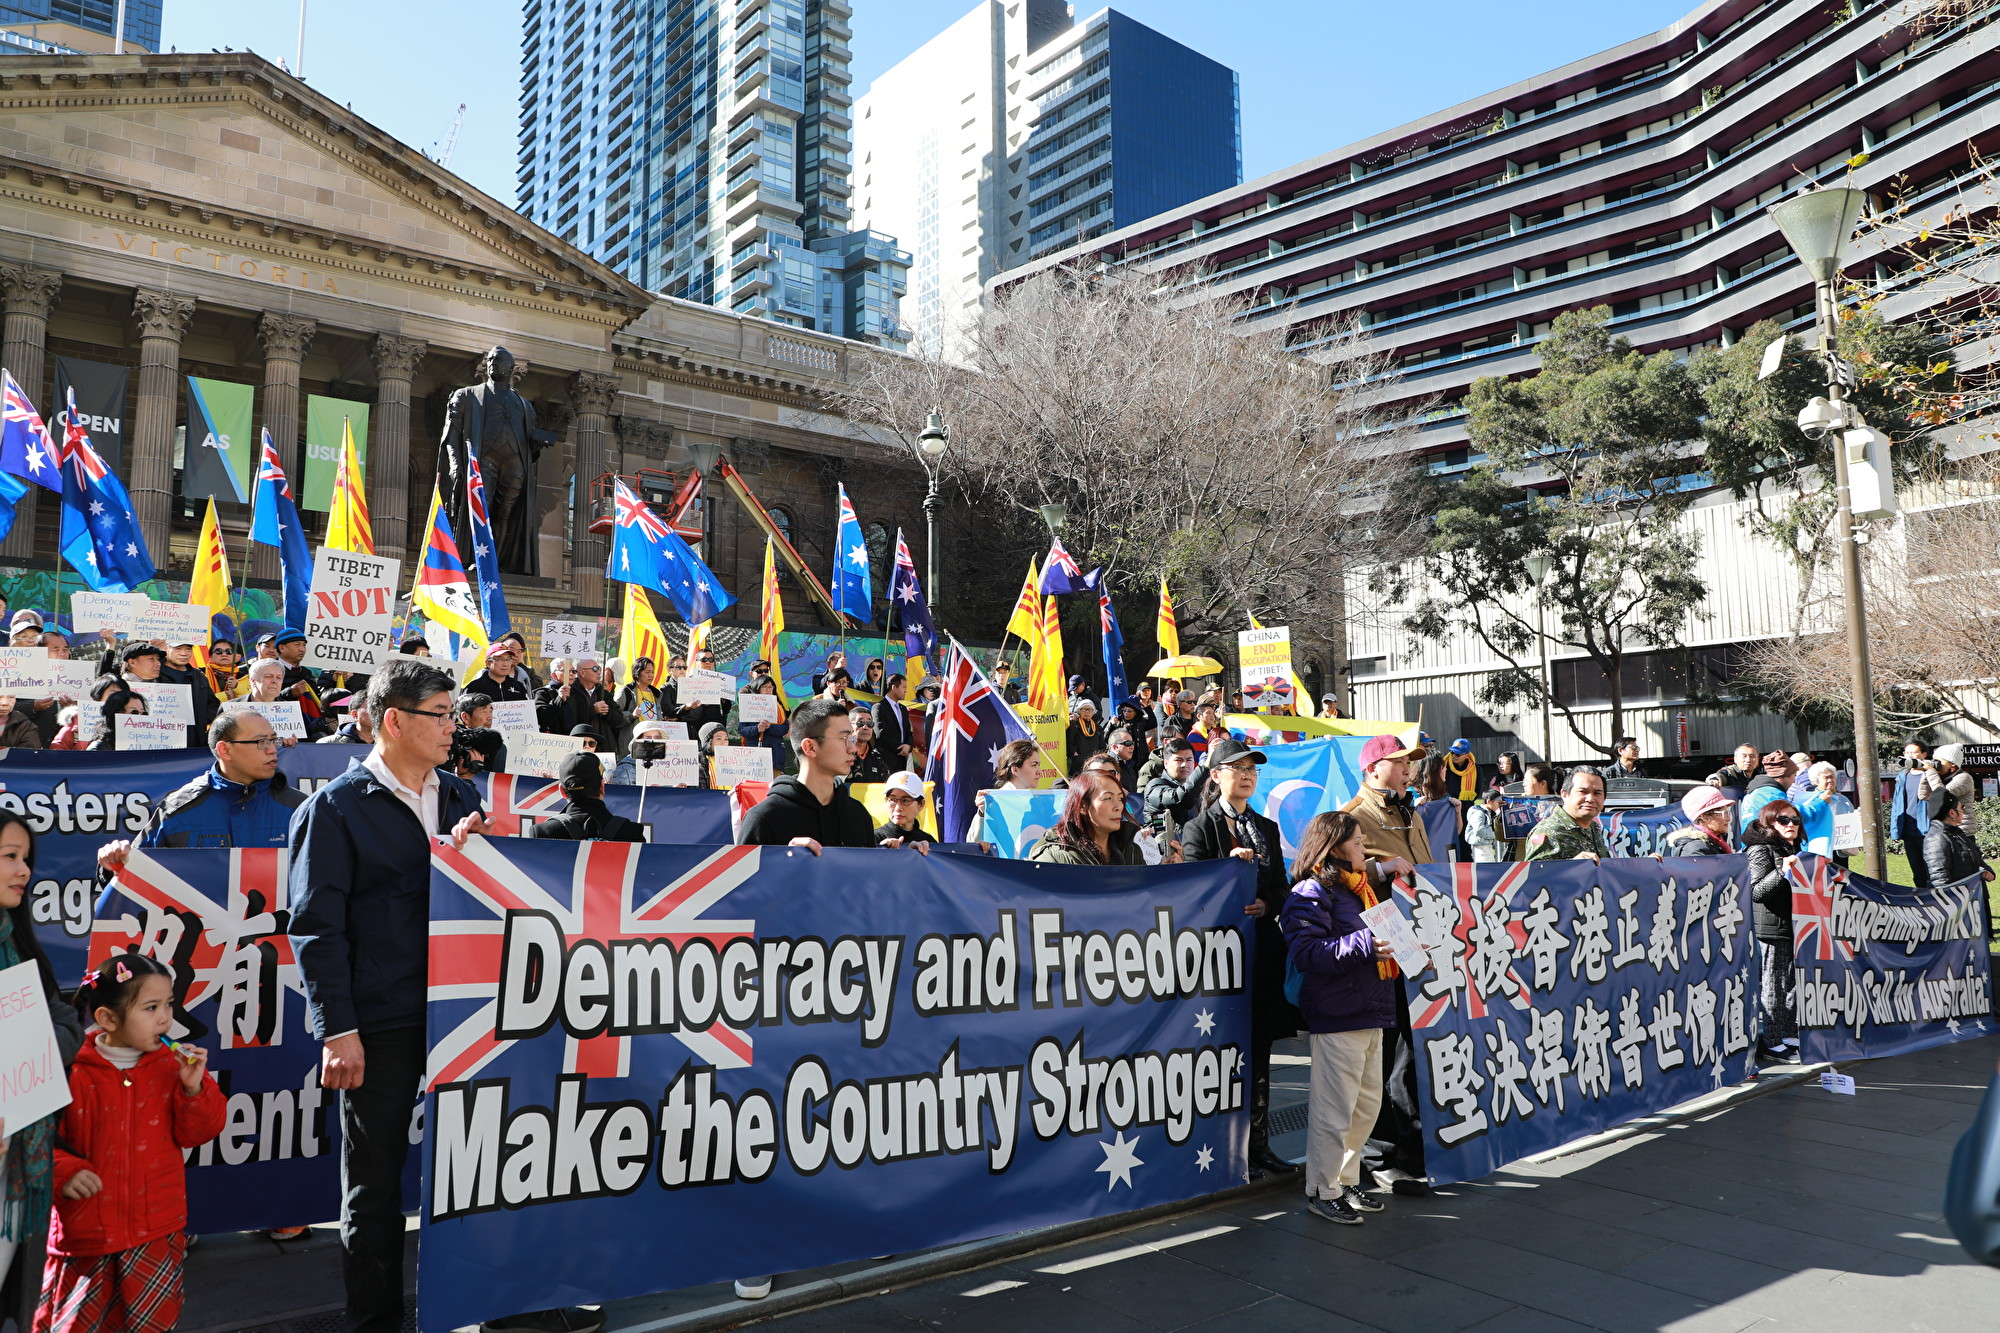 2019年8月17日,數百名墨爾本市民及民主人士在墨爾本市中心州立圖書館前舉辦「反送中」集會活動。(Grace/大紀元)